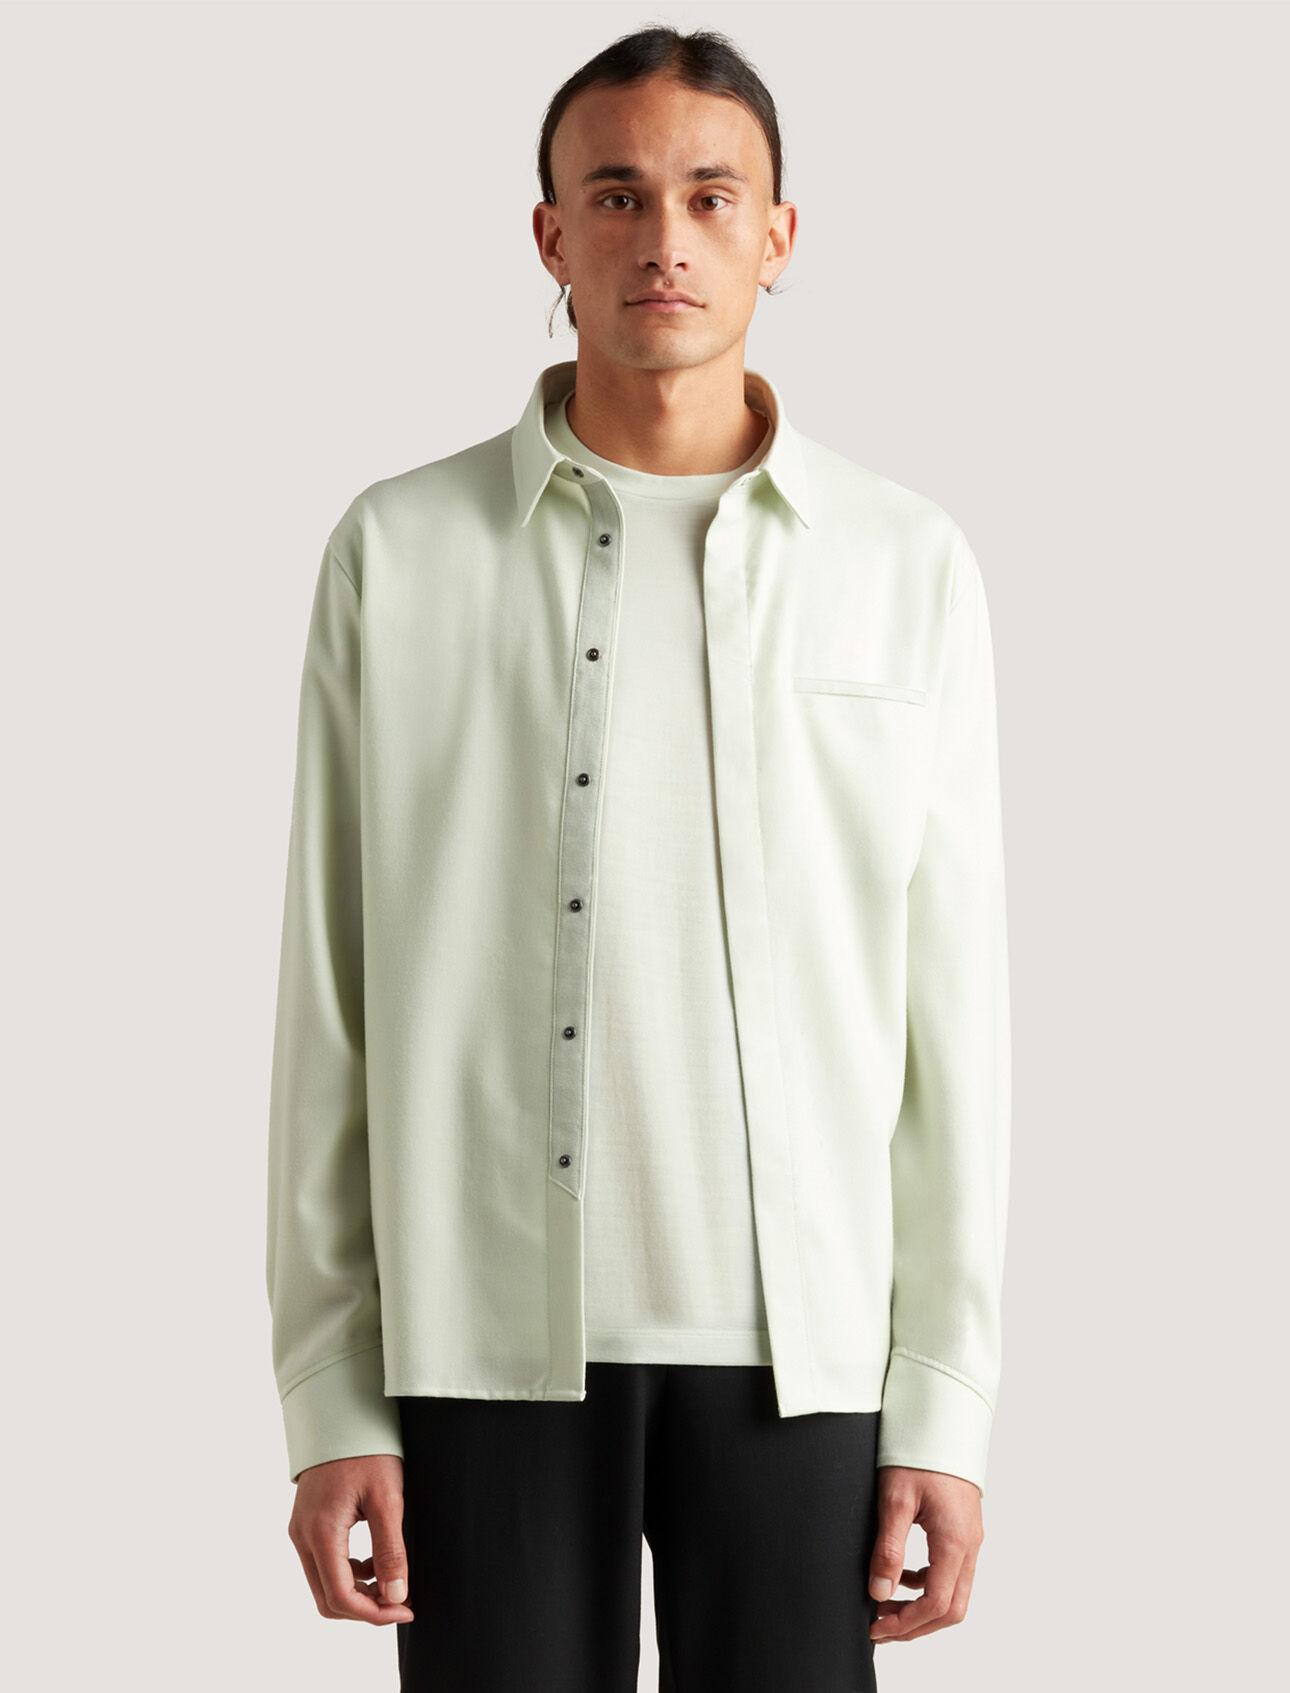 icebreaker City Label Merino Shirt